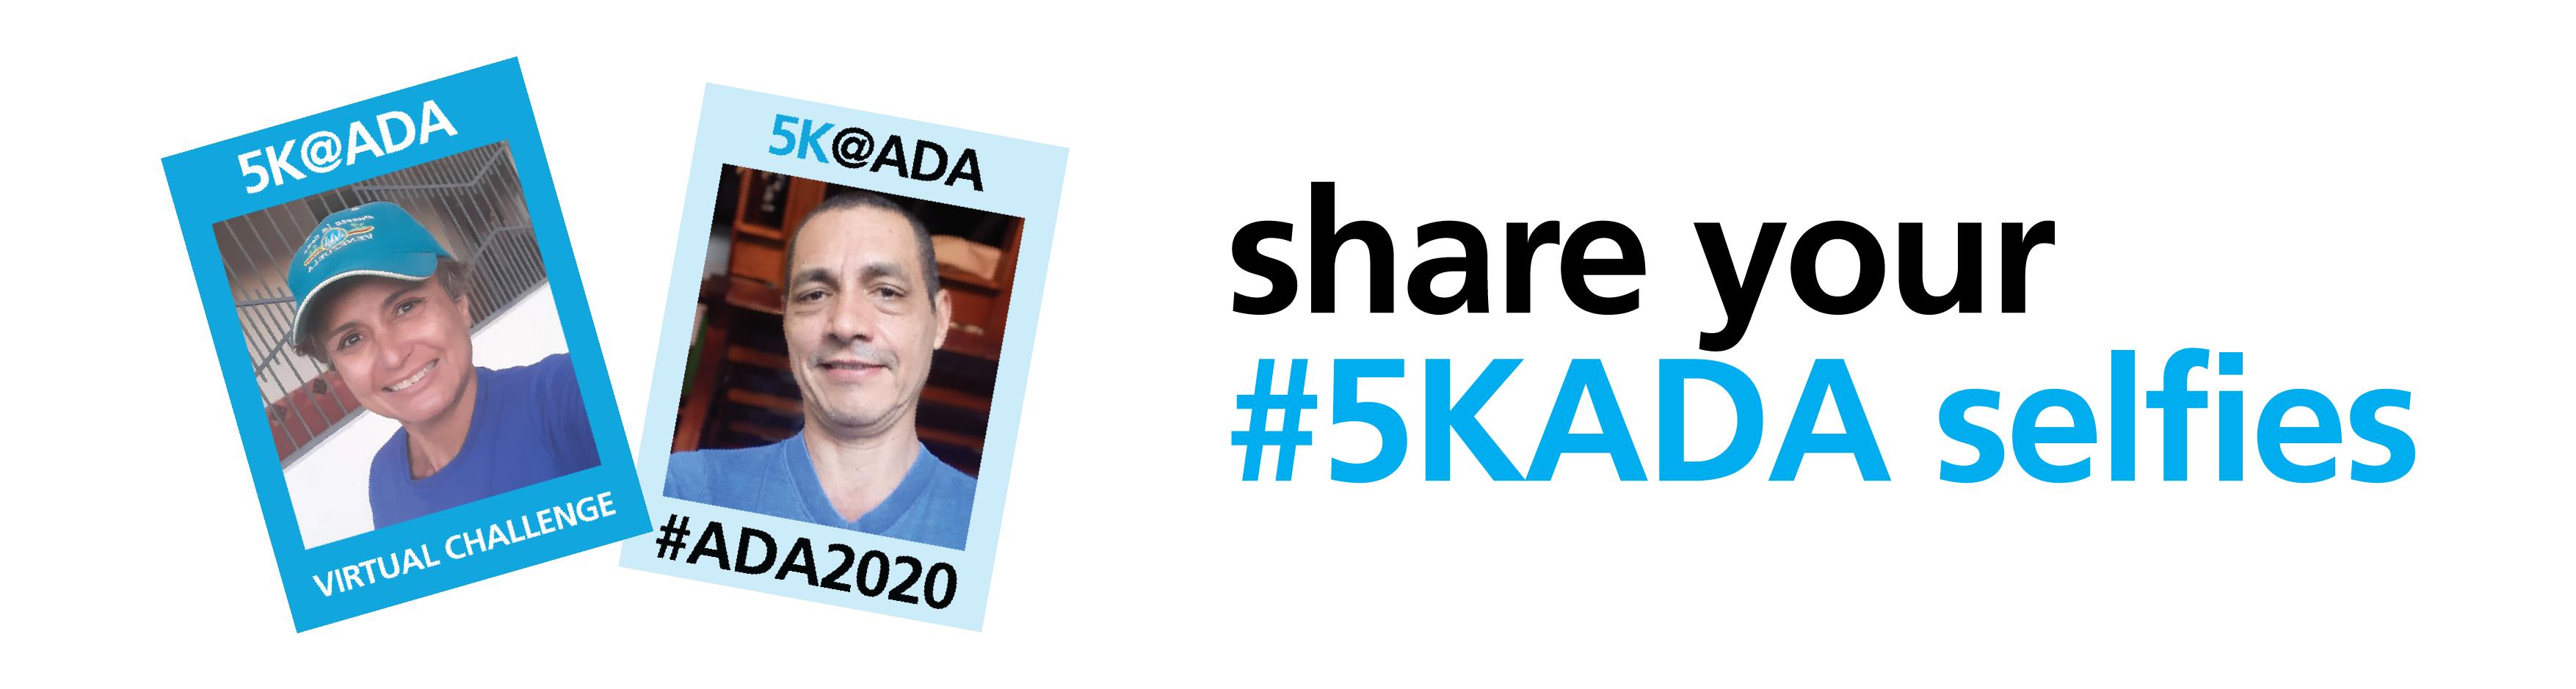 5K@ADA Virtual Challenge Selfies